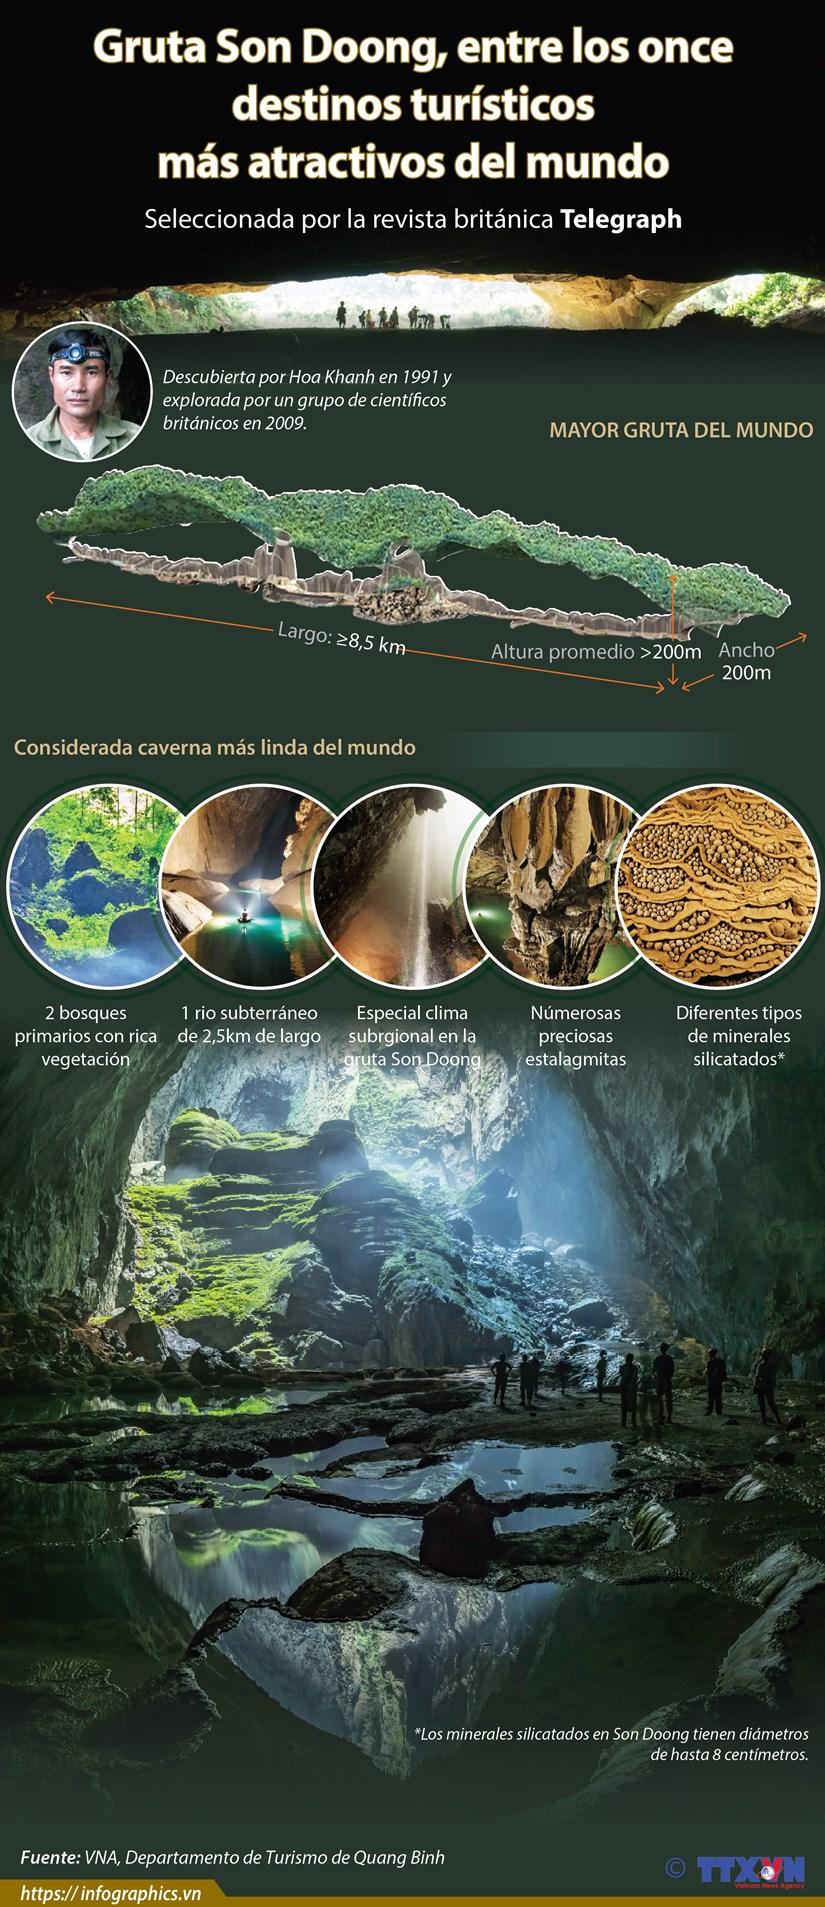 [Info] Gruta Son Doong, entre los once destinos turisticos mas atractivos del mundo hinh anh 1